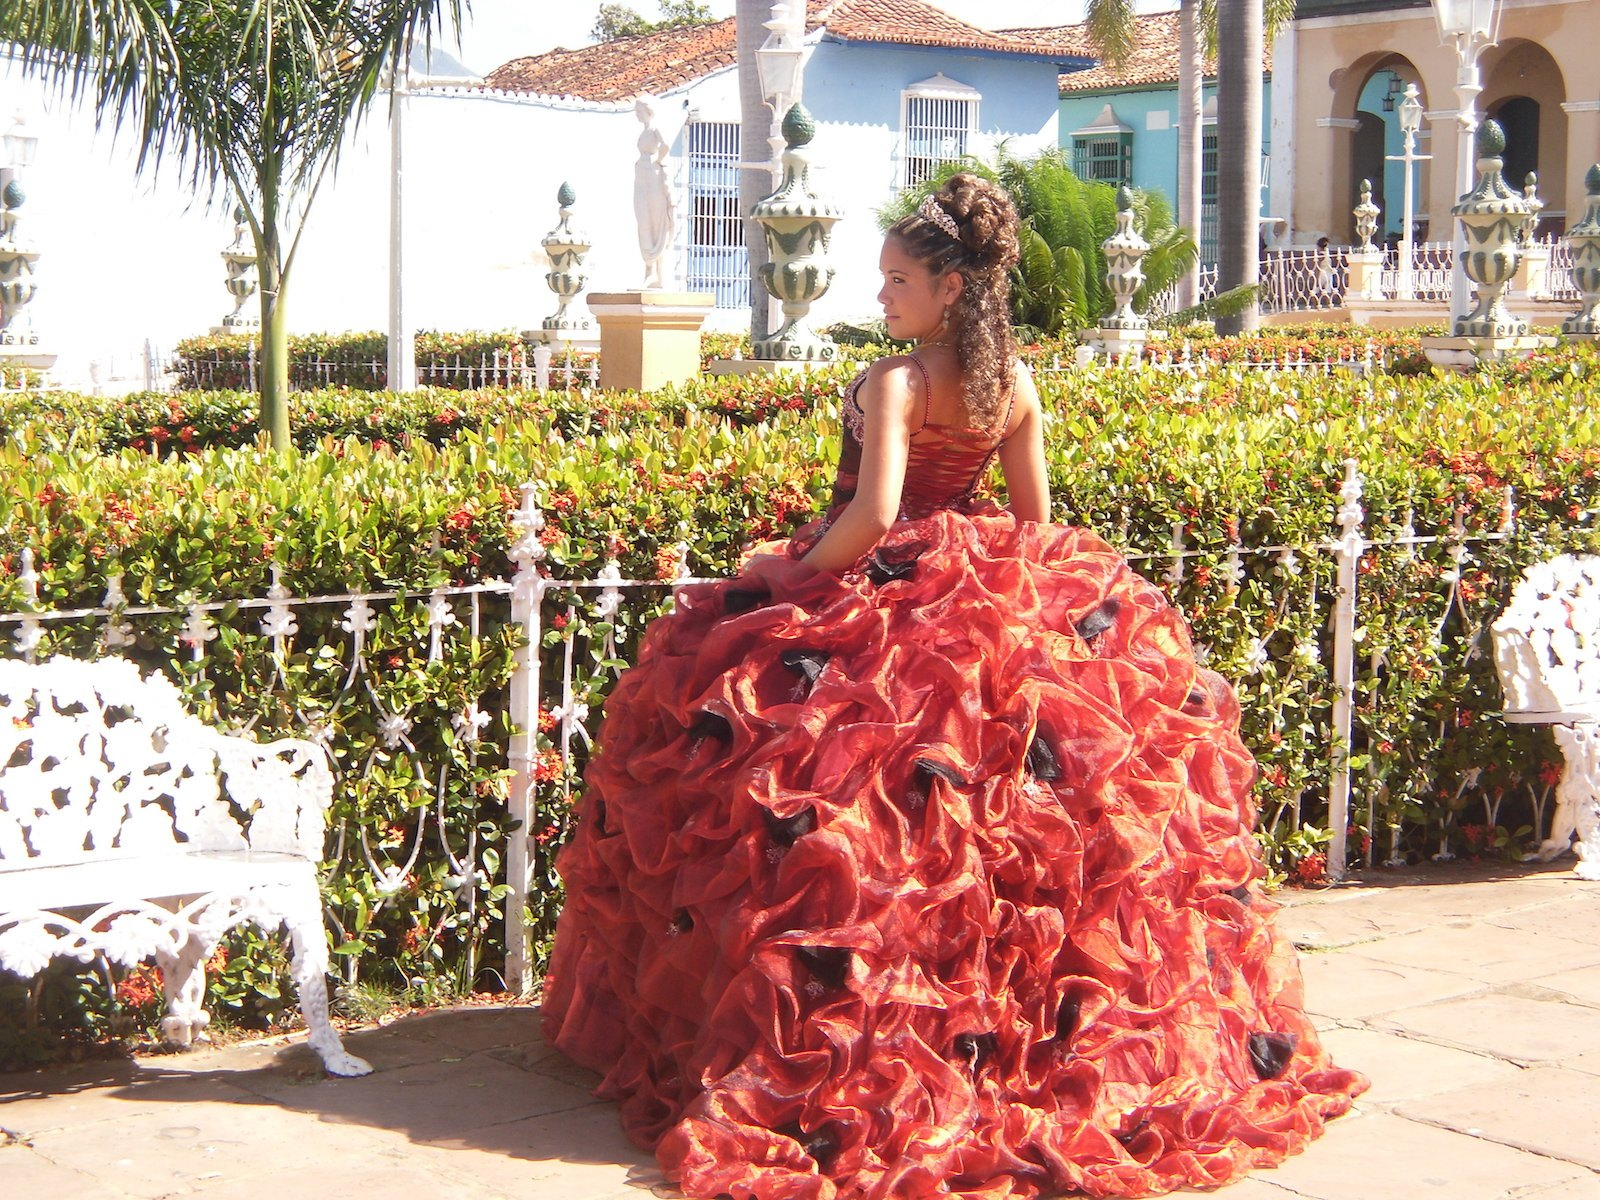 Matrimonio Simbolico A Cuba : Compiere 15 anni a cuba: la quinceañera acasamai.it